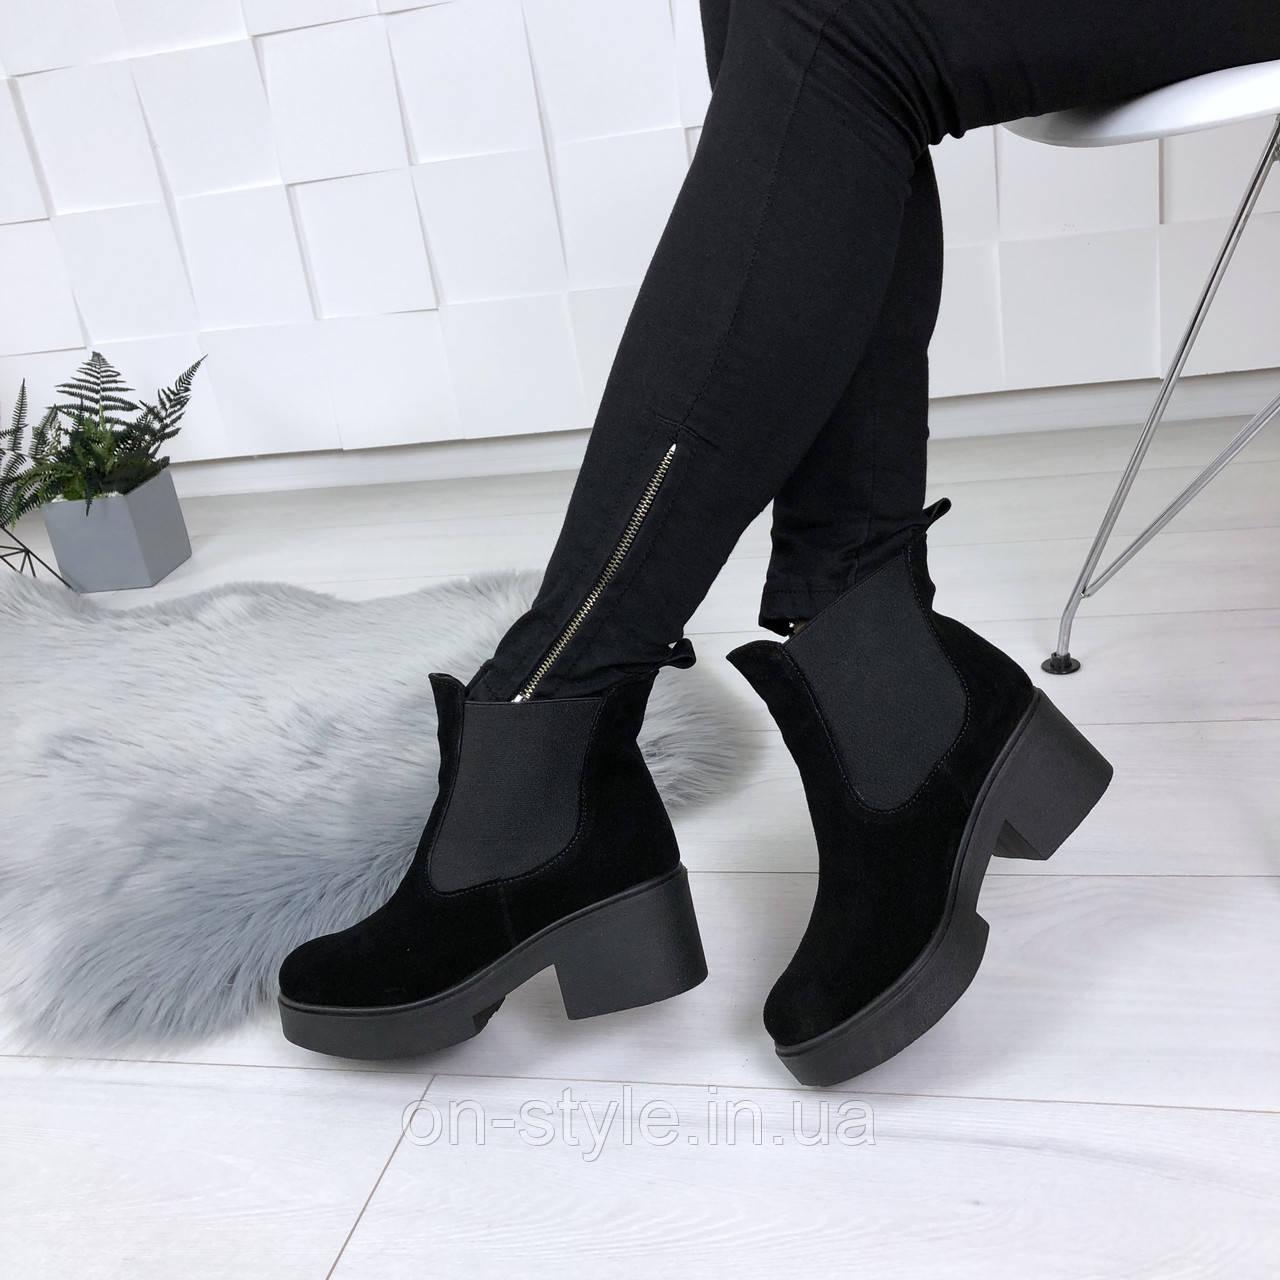 6c4e32c8 Женские замшевые черные стильные ботинки Diesel: продажа, цена в ...